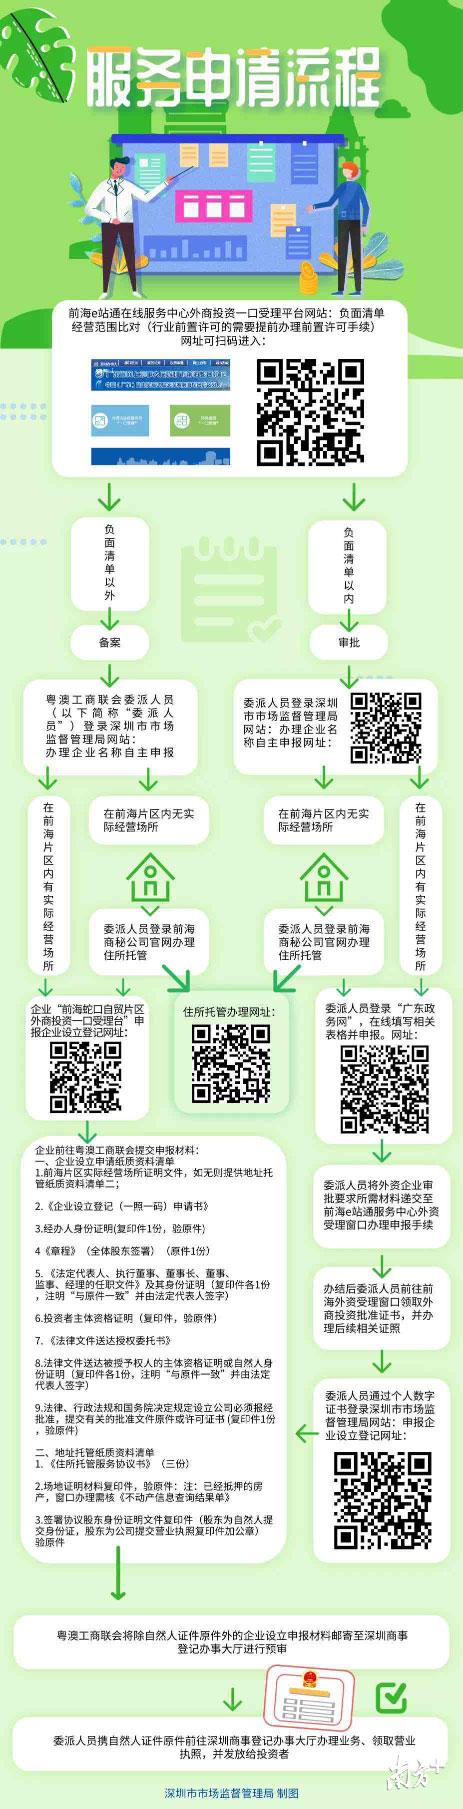 服务申请流程图